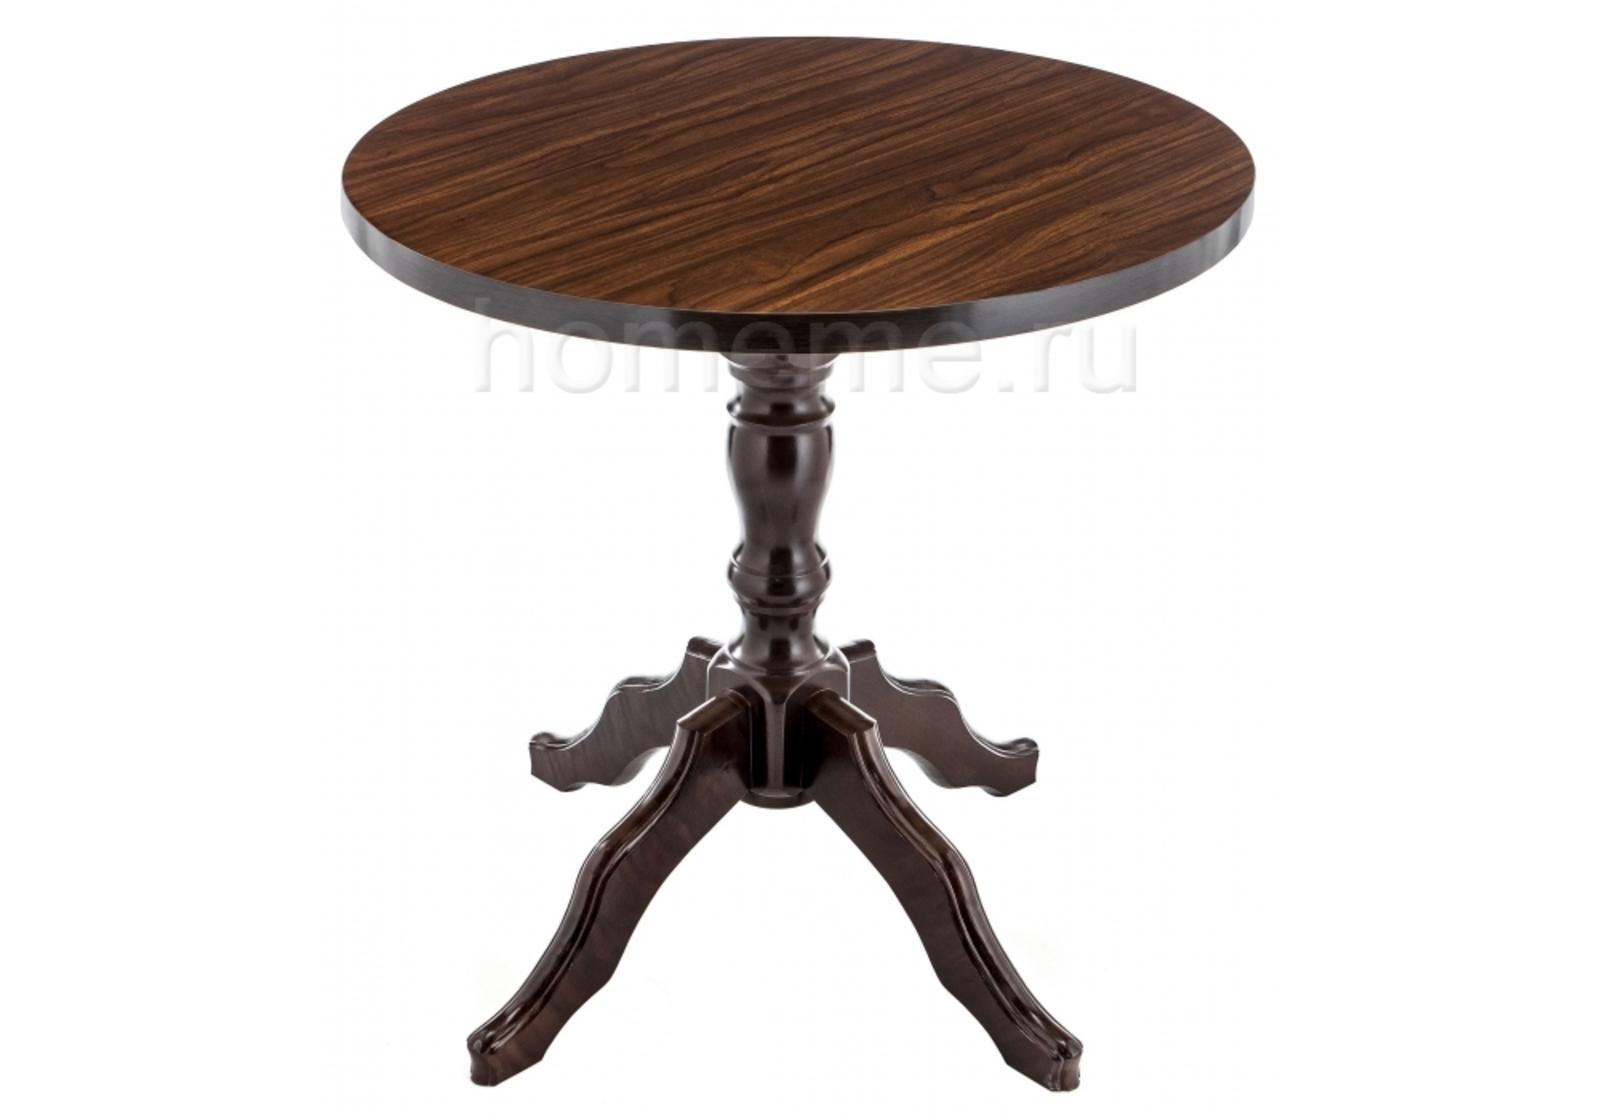 Стол деревянный Вилмар темное дерево 319898 Вилмар темное дерево 319898 (18608) фото